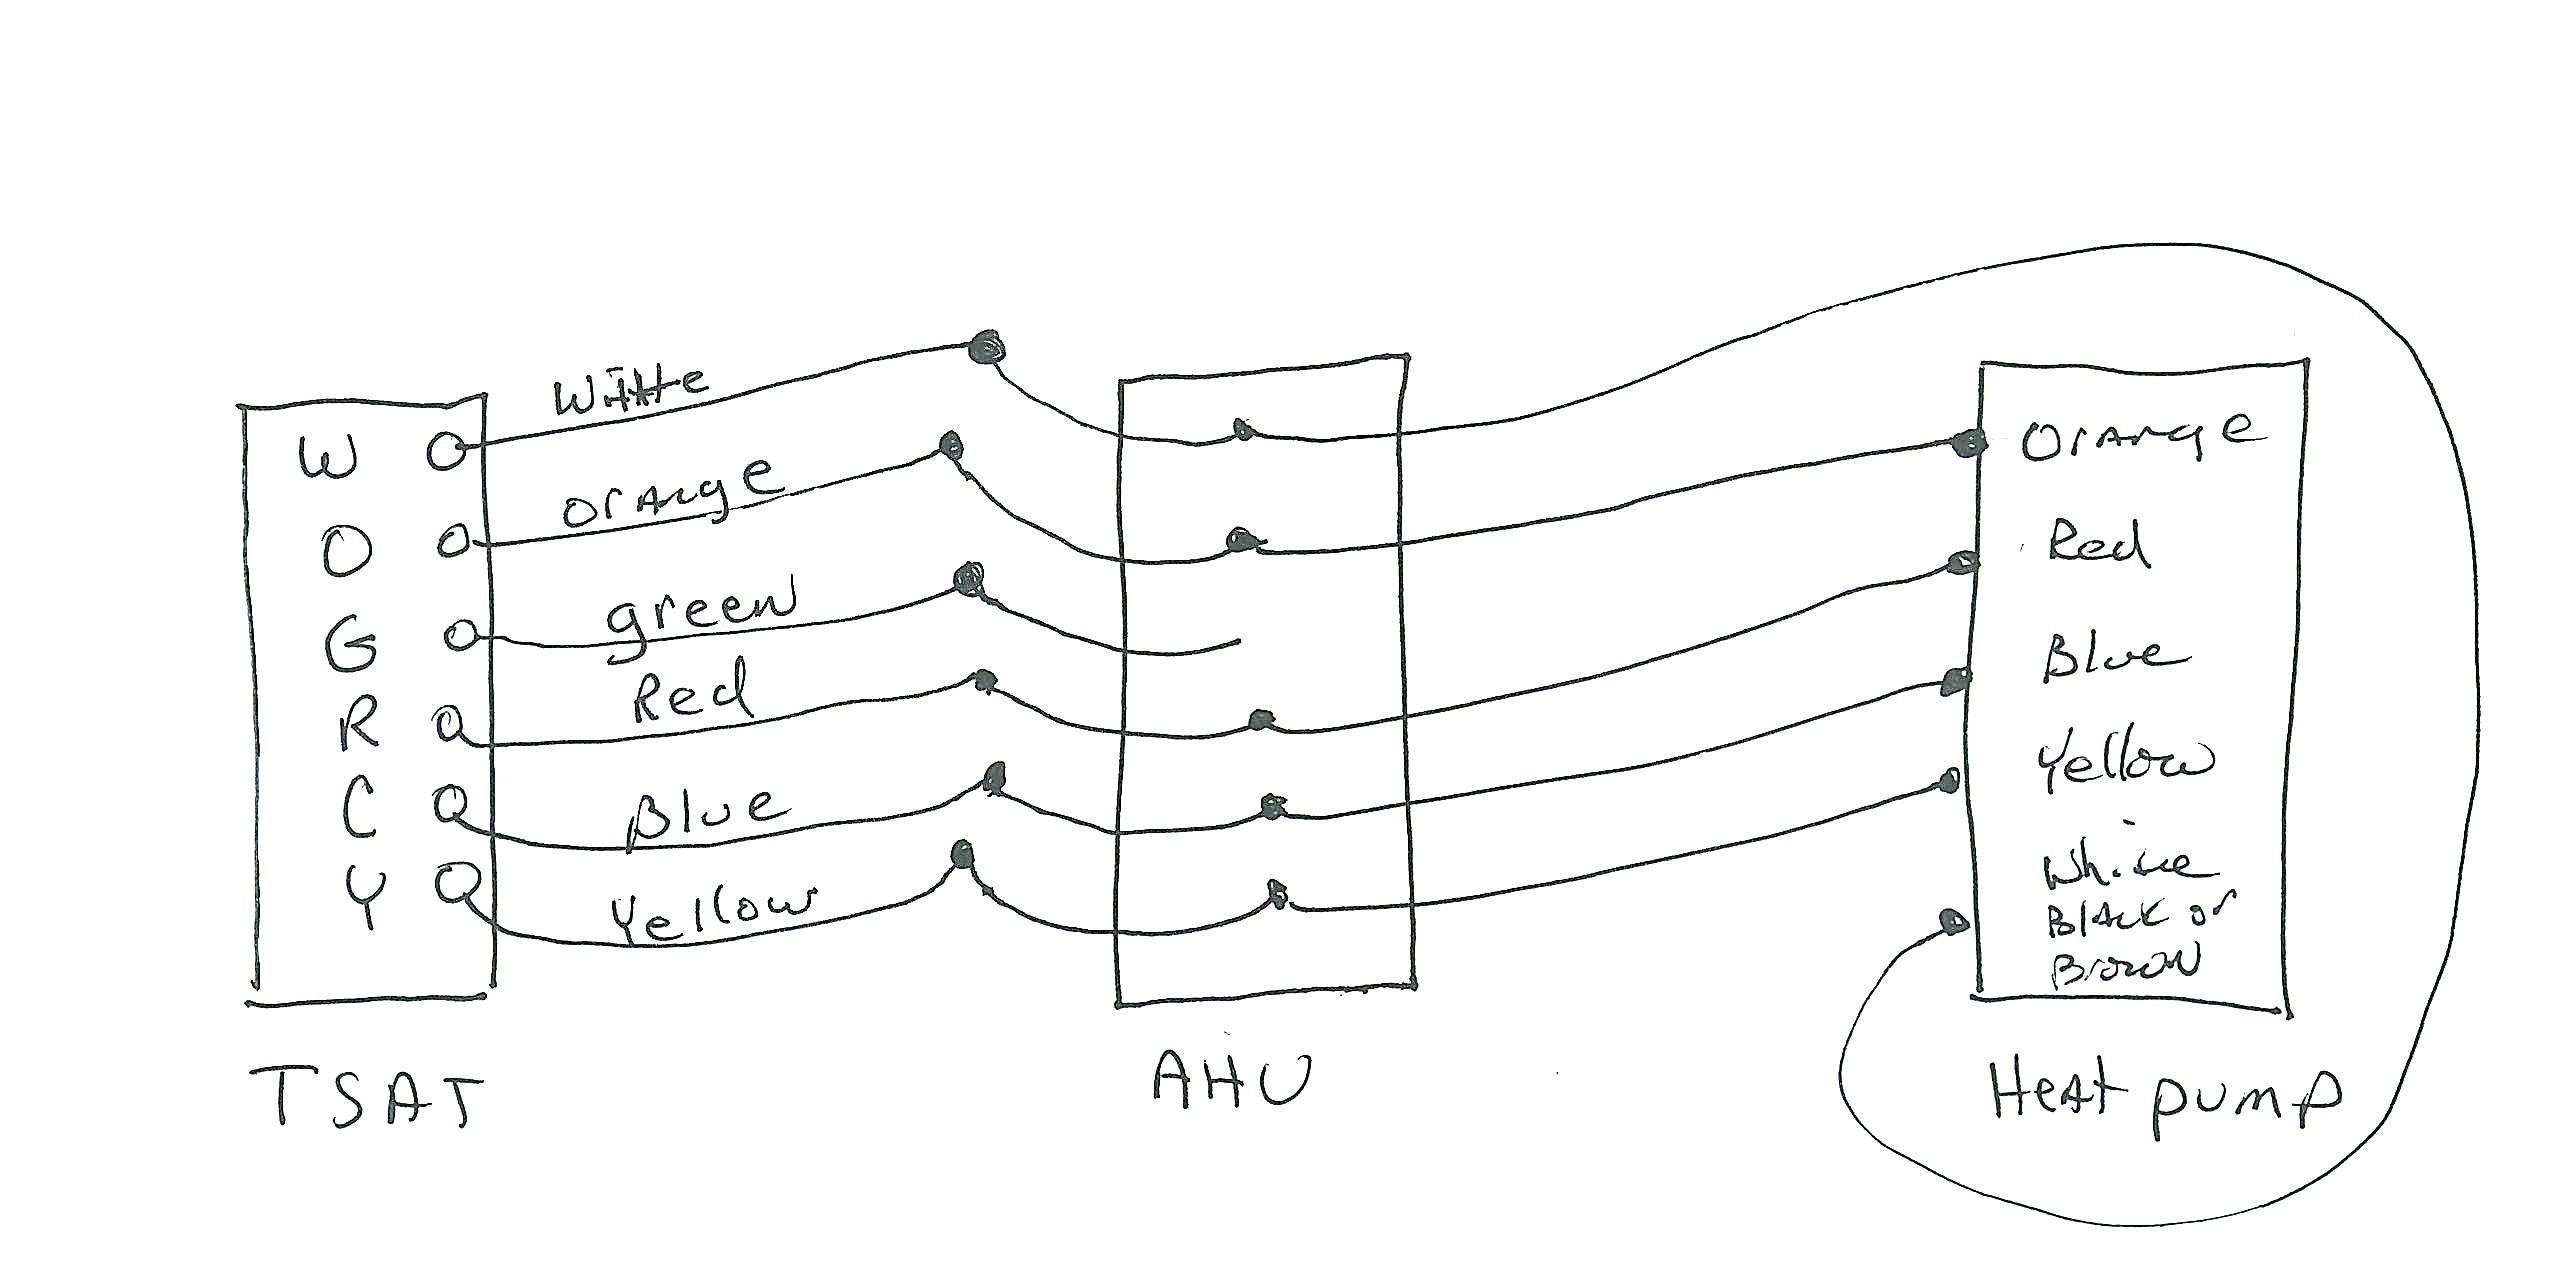 Icp Heat Pump Wiring Diagram On Heil Air Conditioner Wiring Schematic